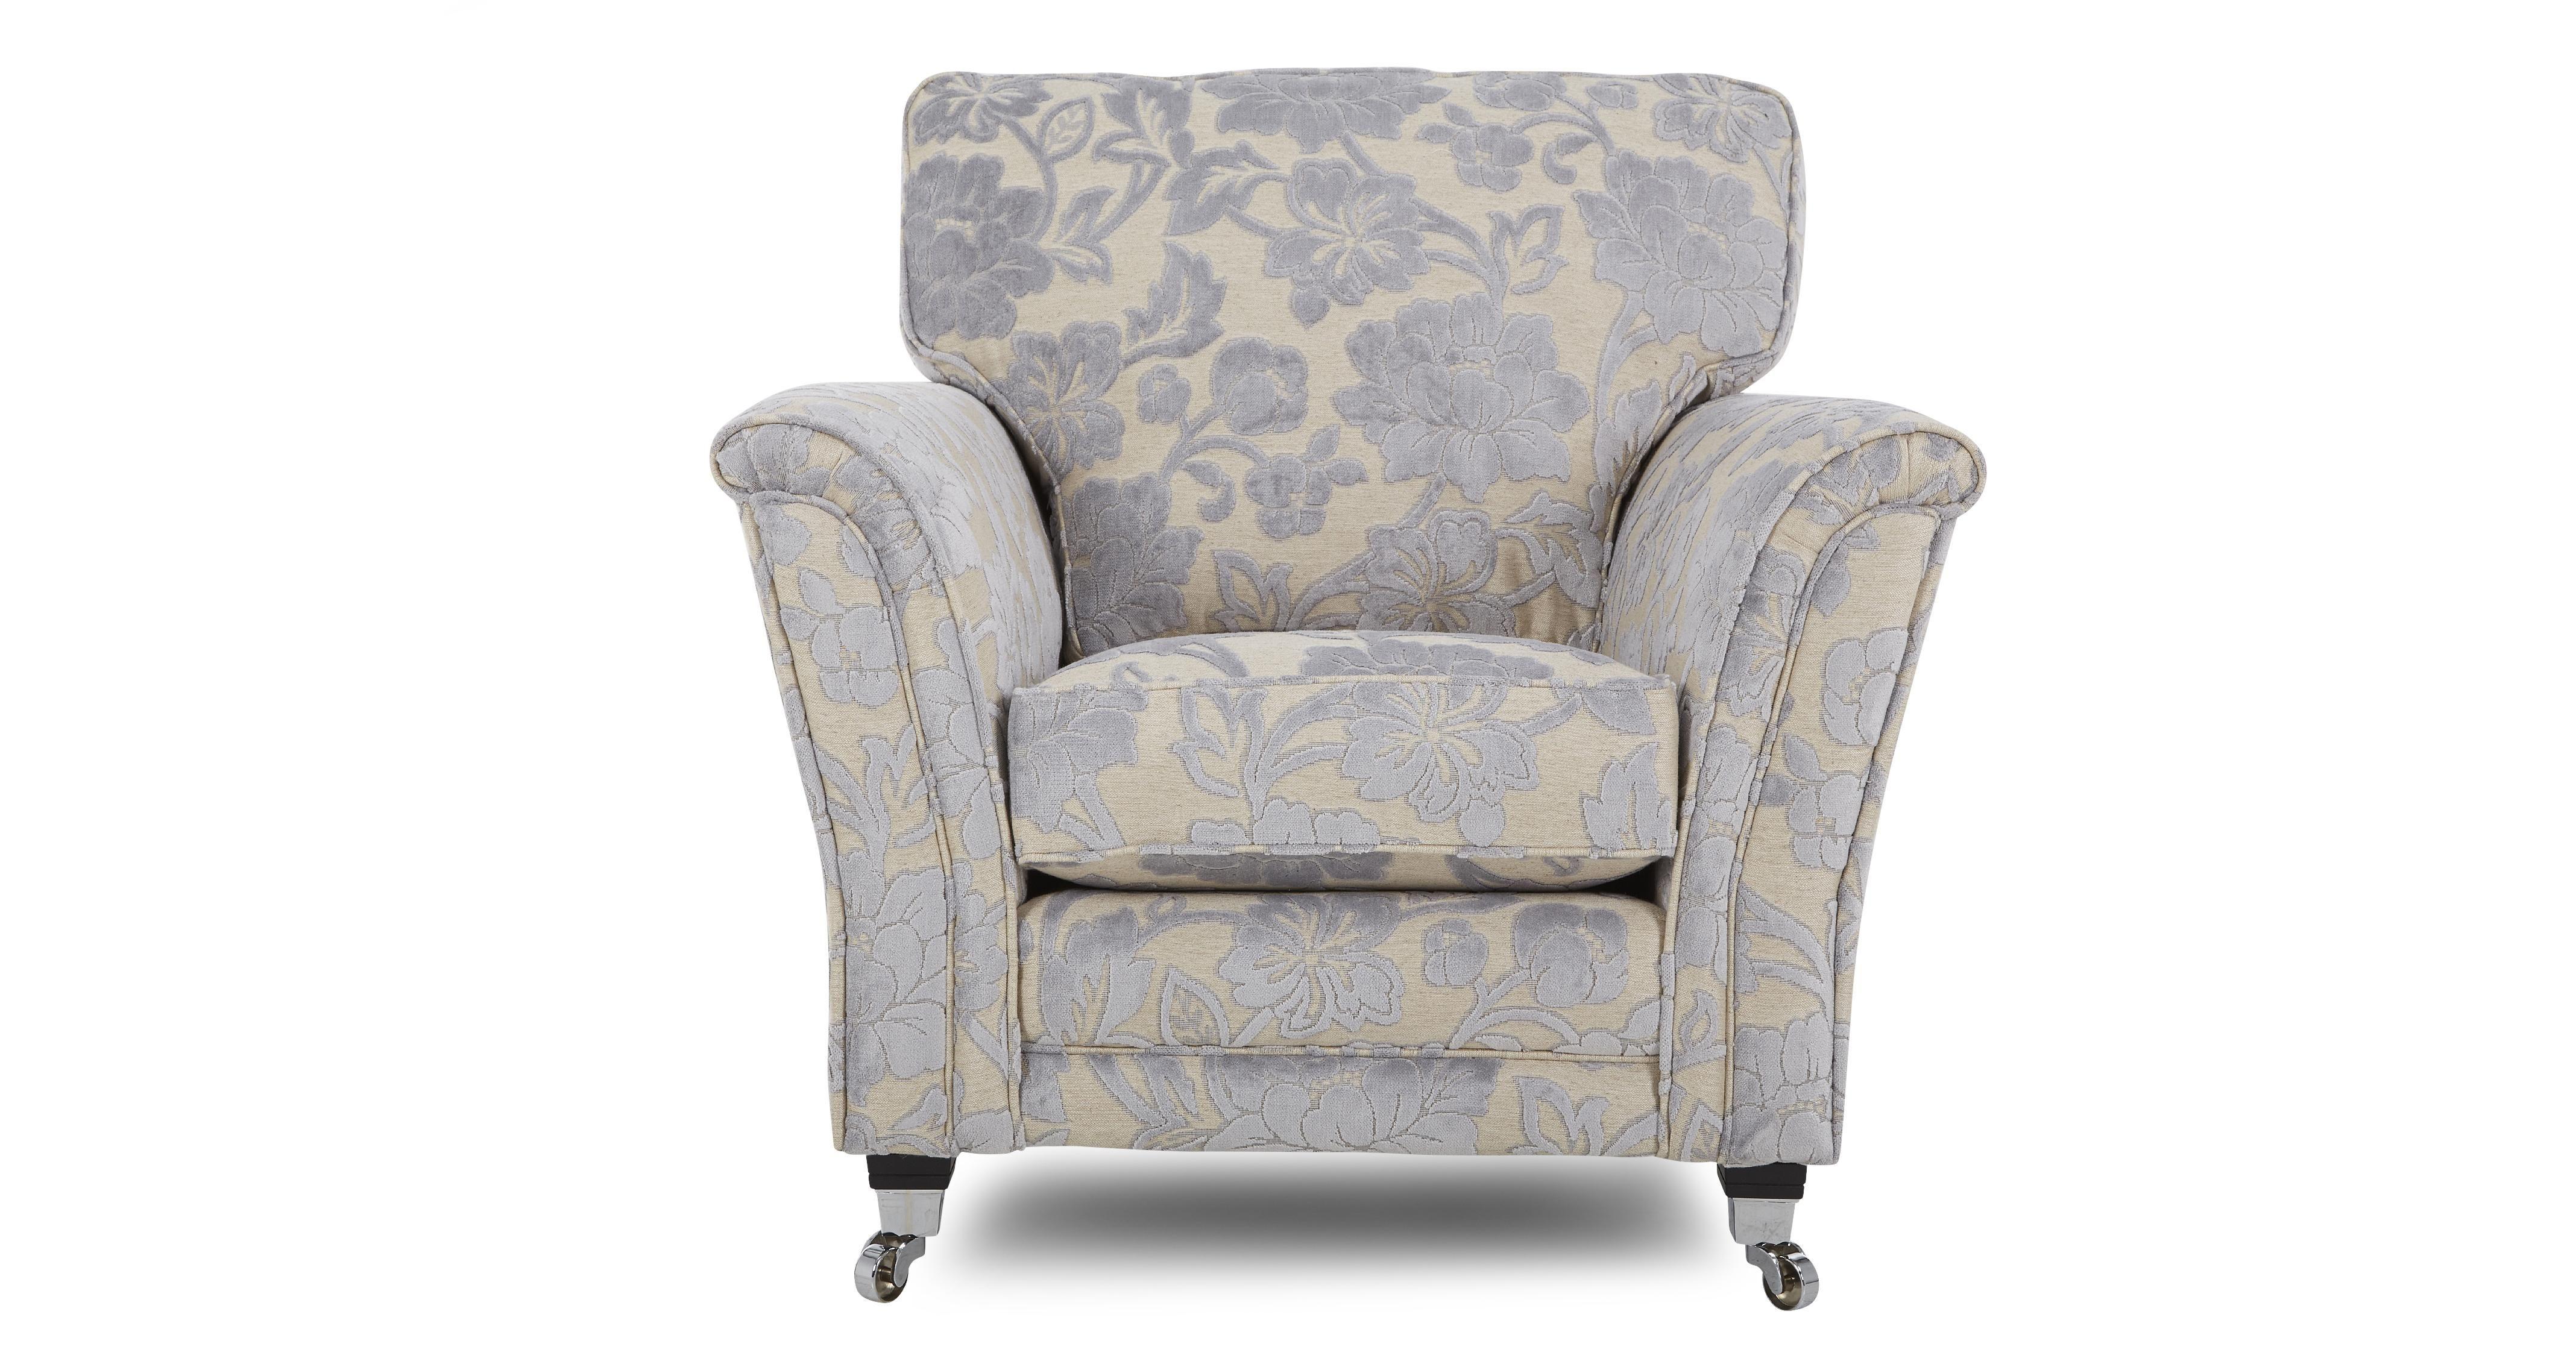 Floral Armchair | Floral armchair, Armchair, Fabric sofa